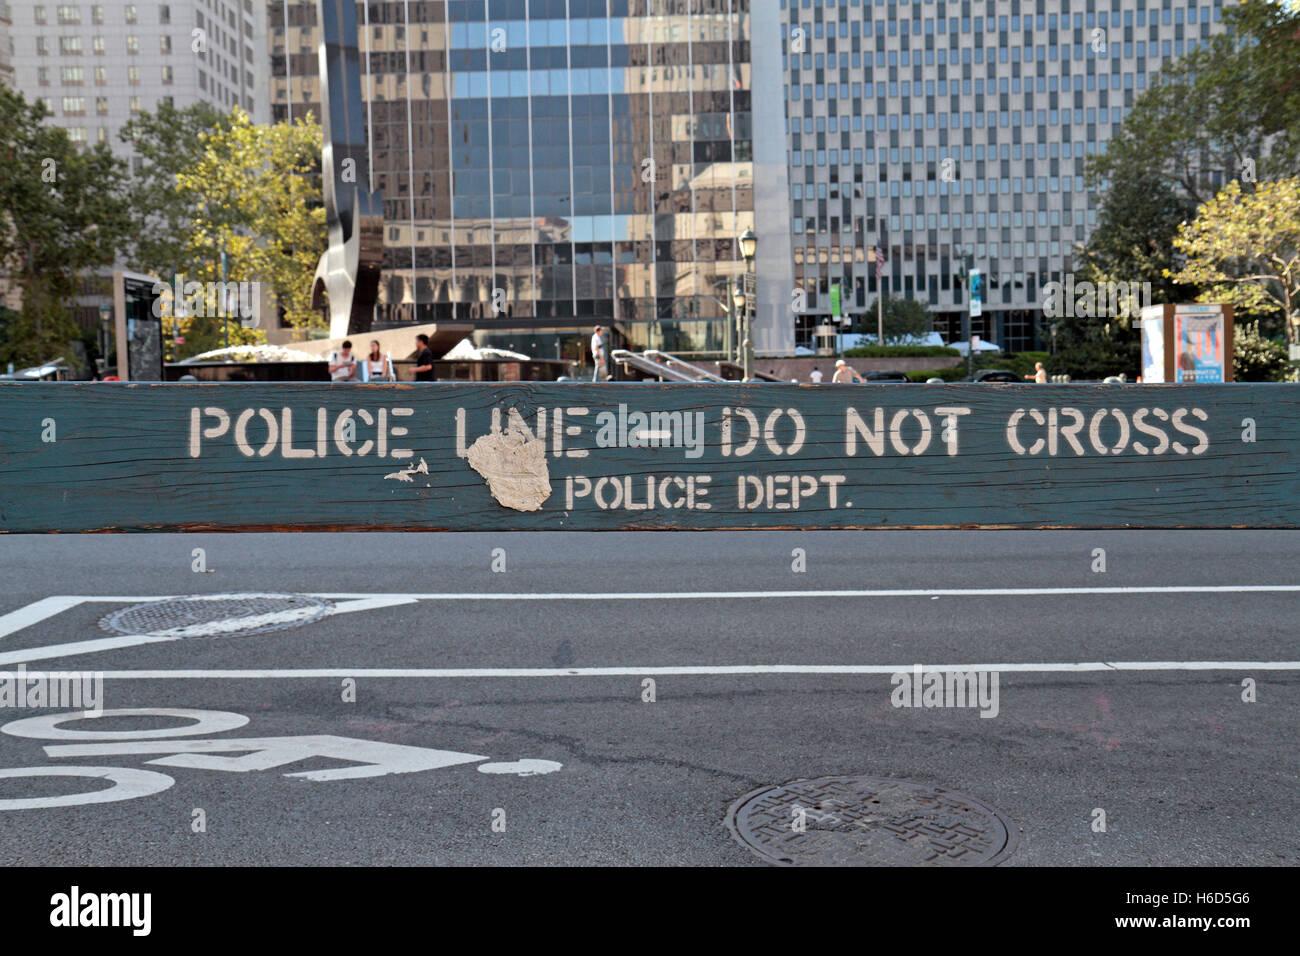 """Ein """"Polizeiabsperrung - kreuzen nicht"""" Barriere in Lower Manhattan, New York, USA. Stockbild"""